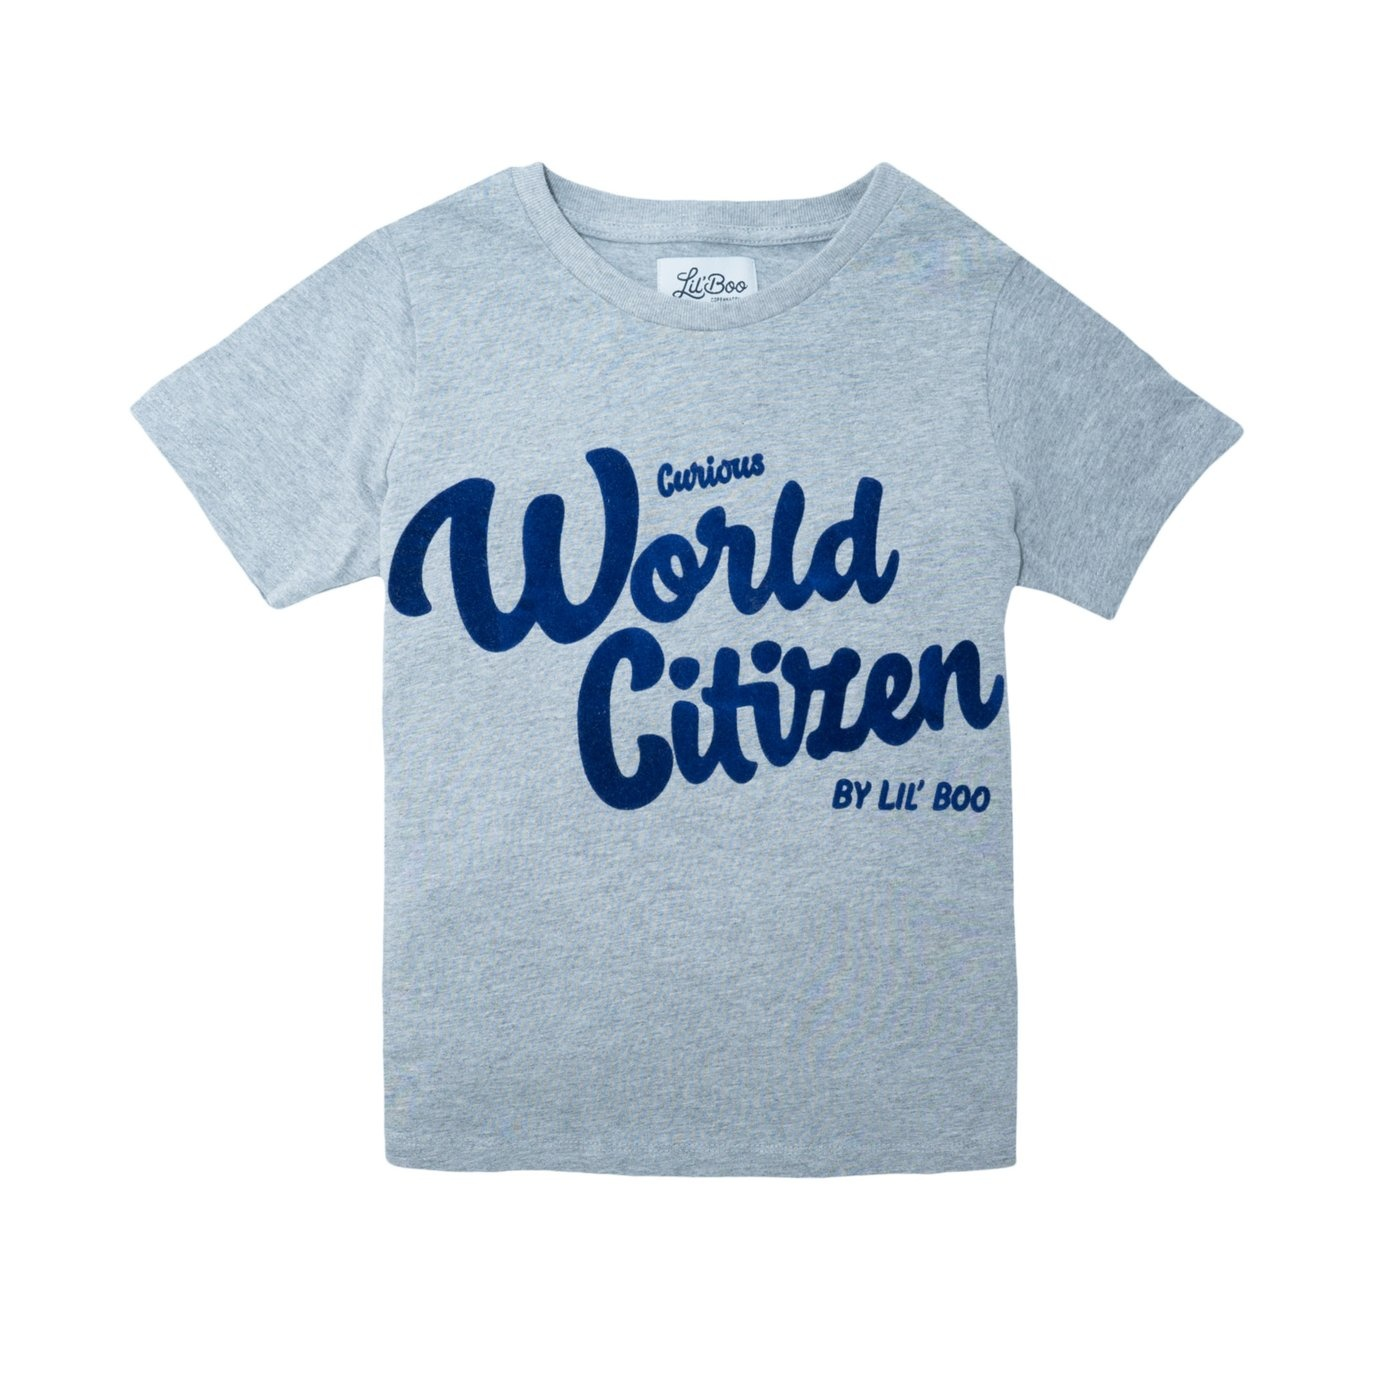 Curious World Citizen T-shirt - short sleeve-1